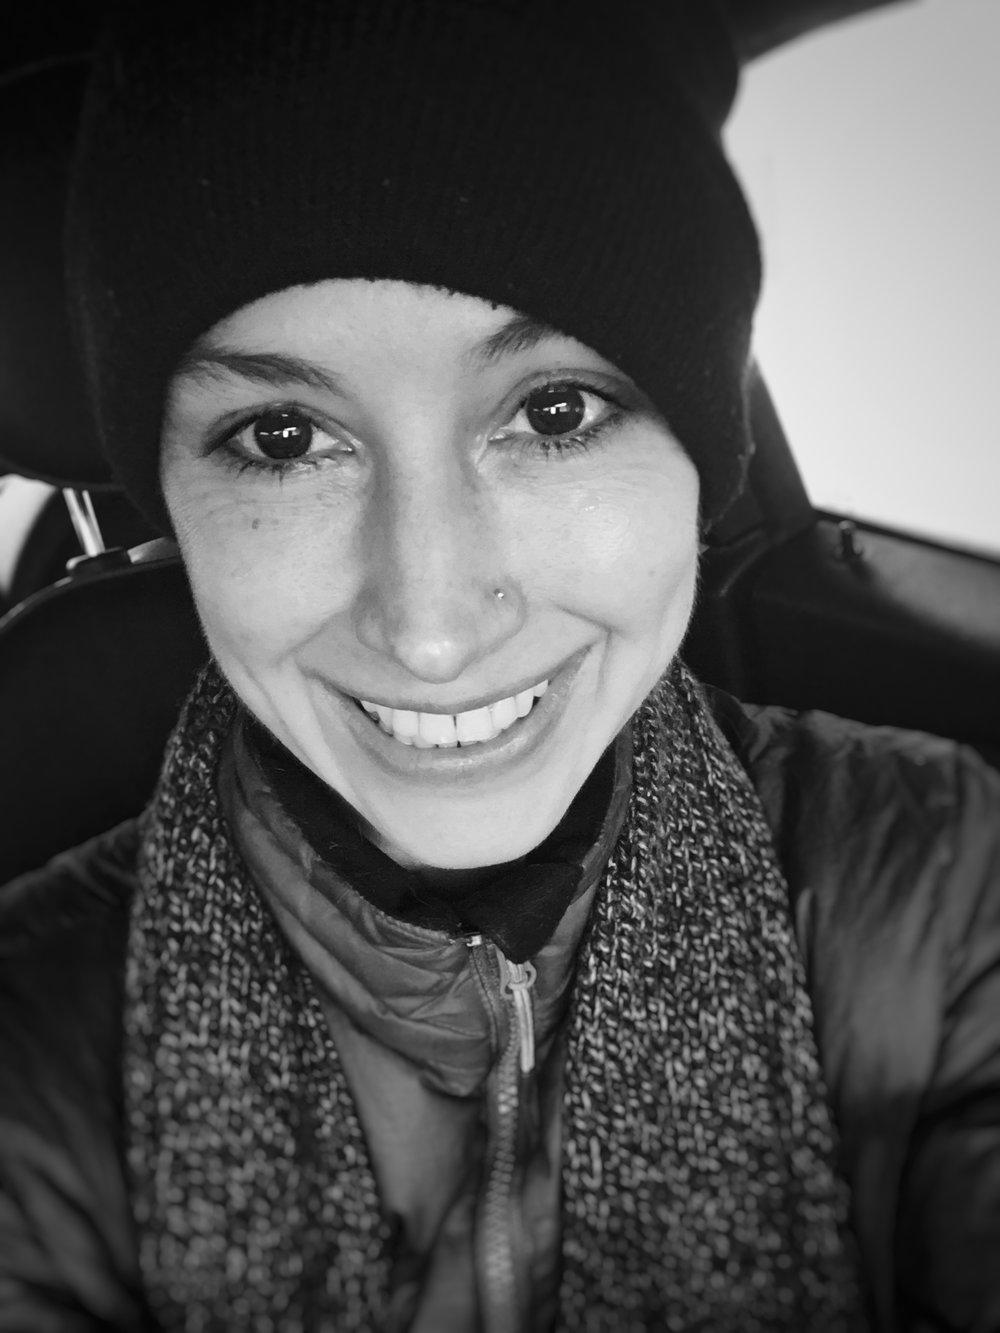 Impromptu selfie after a winter lake plunge